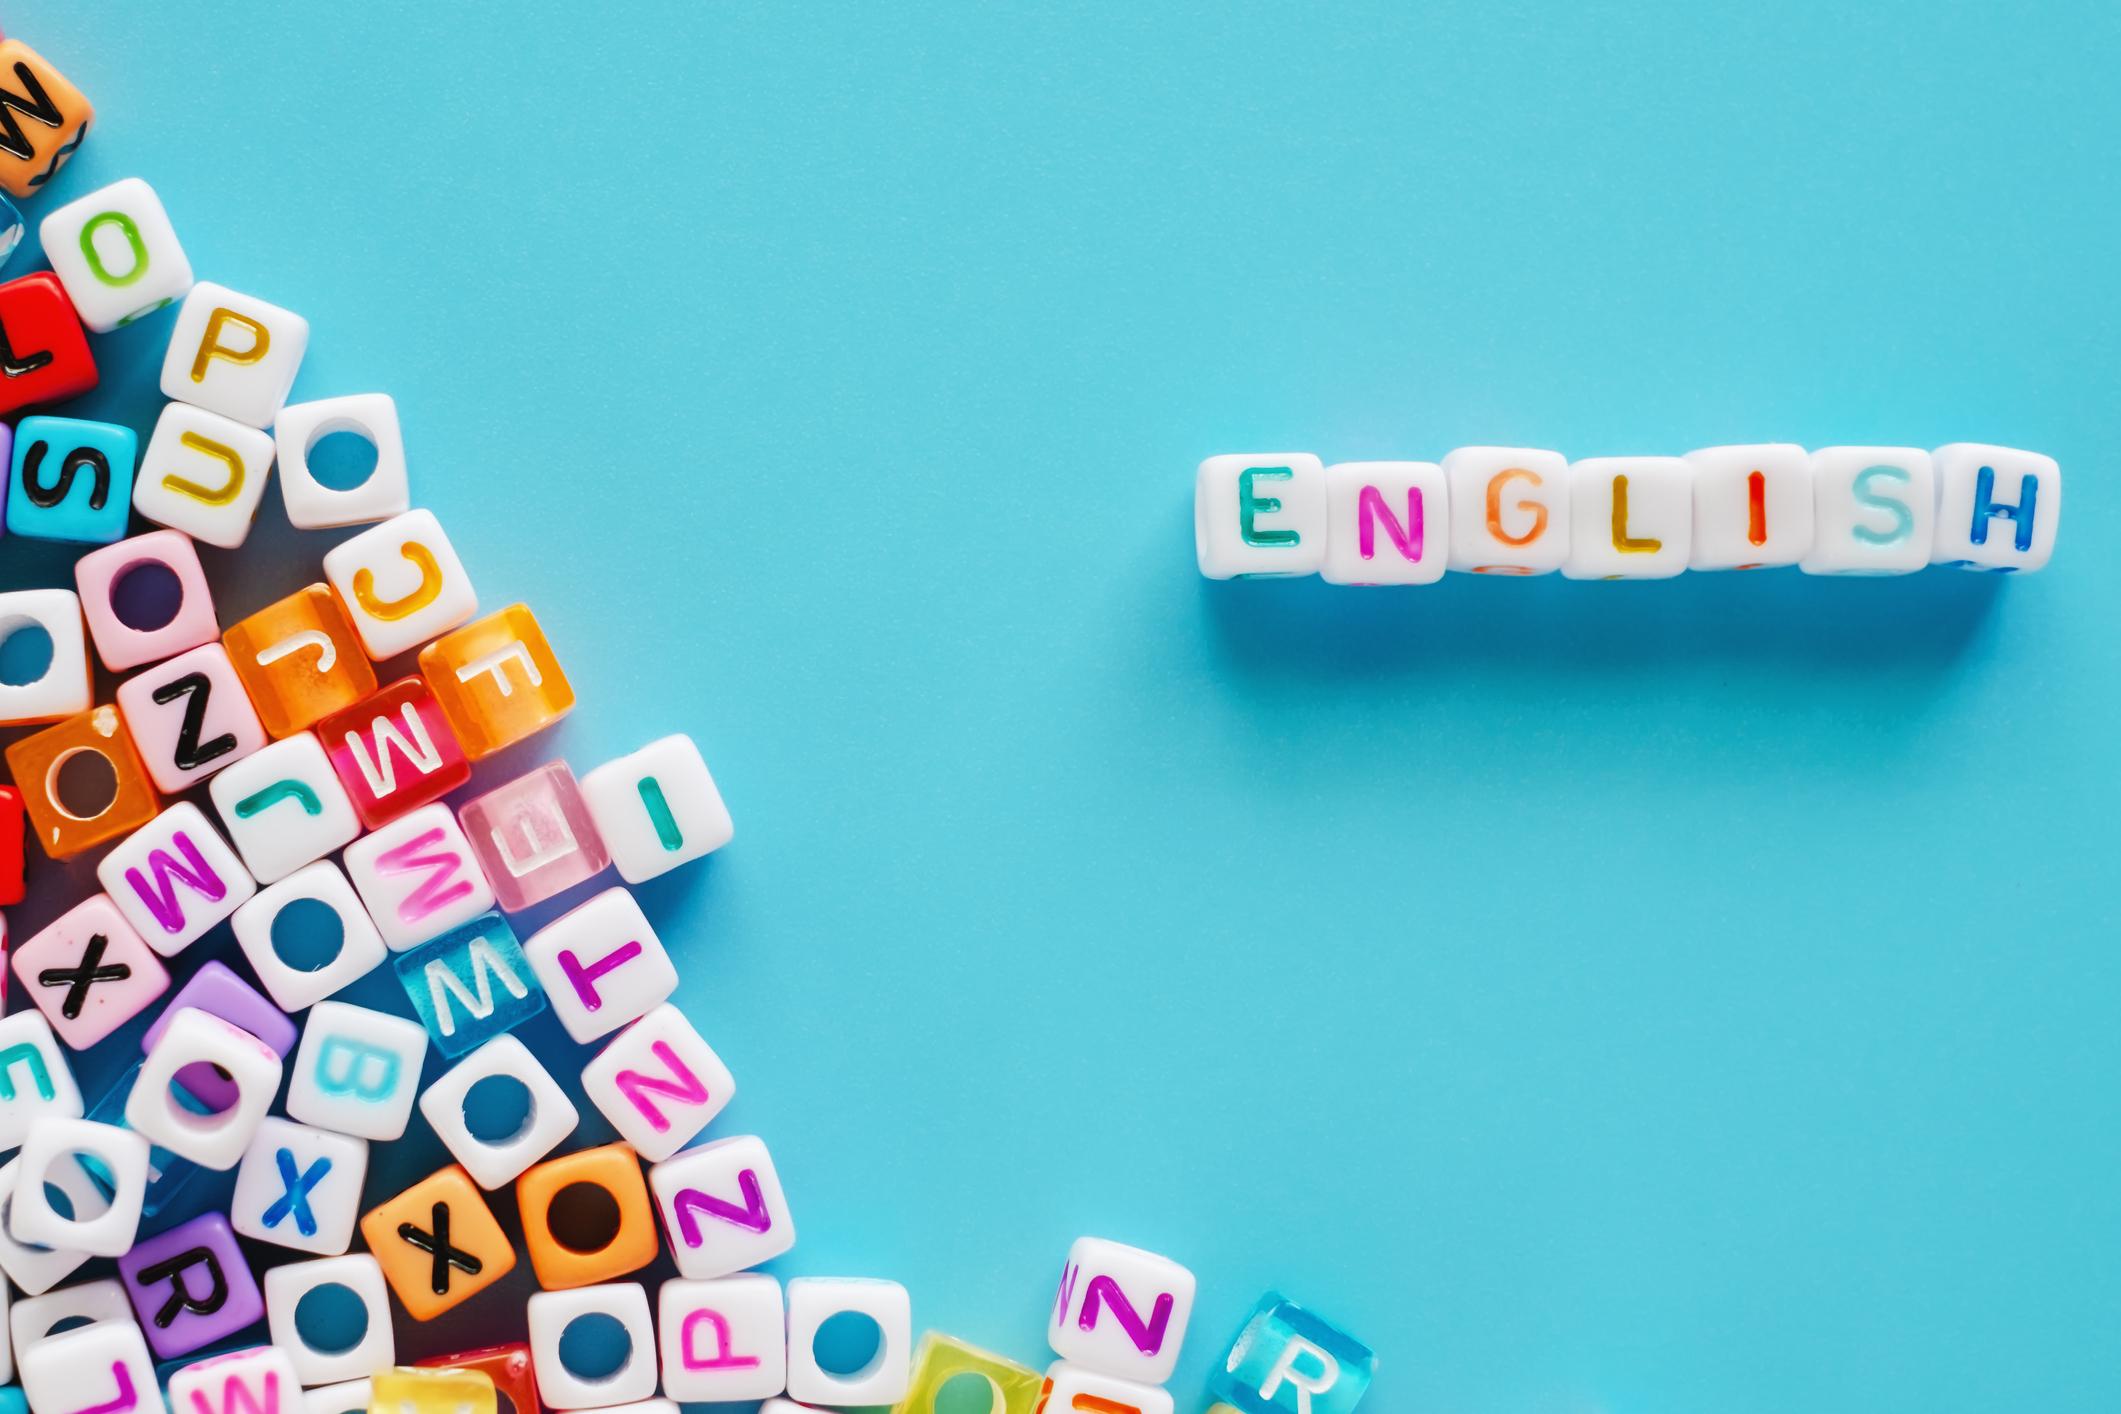 Ini dia beberapa rekomendasi kursus bahasa Inggris di Surabaya - Edu2Review